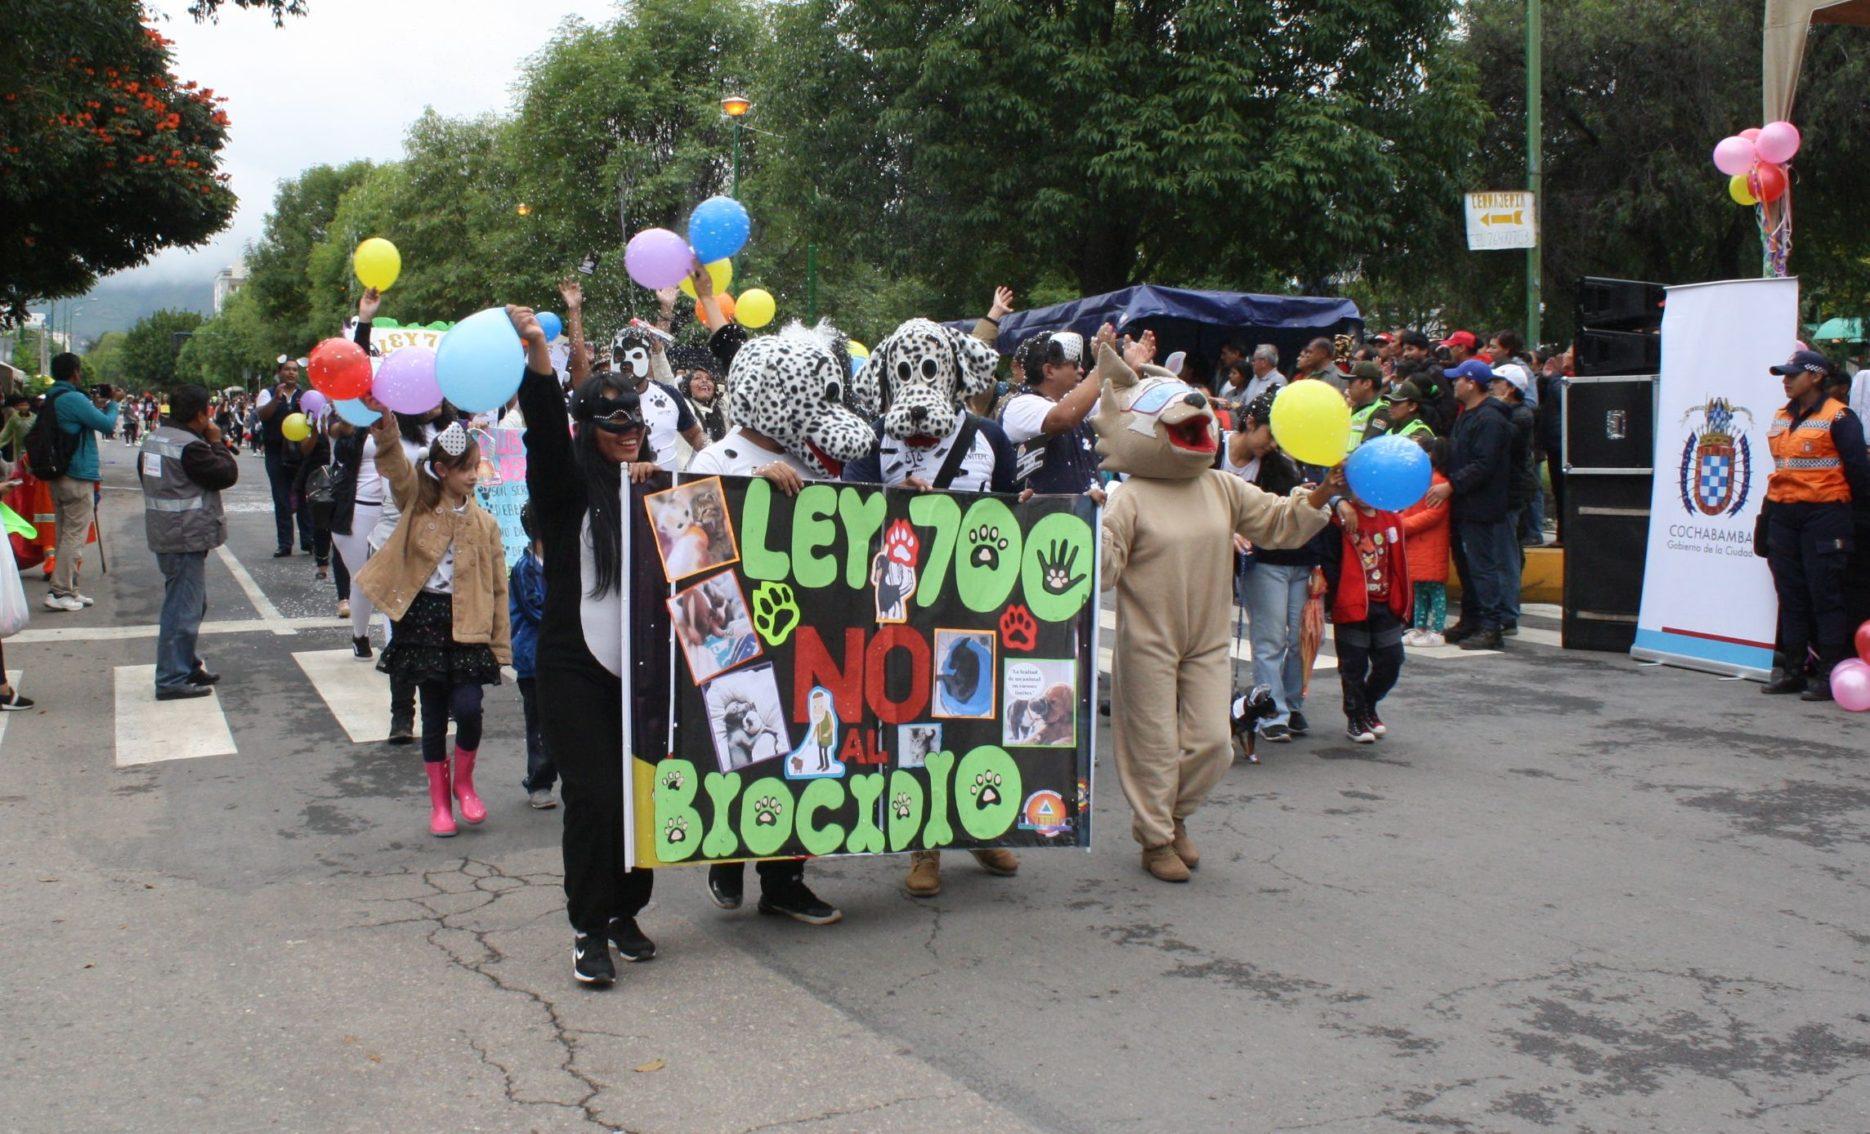 Creativos disfraces en el Corso de Mascotas